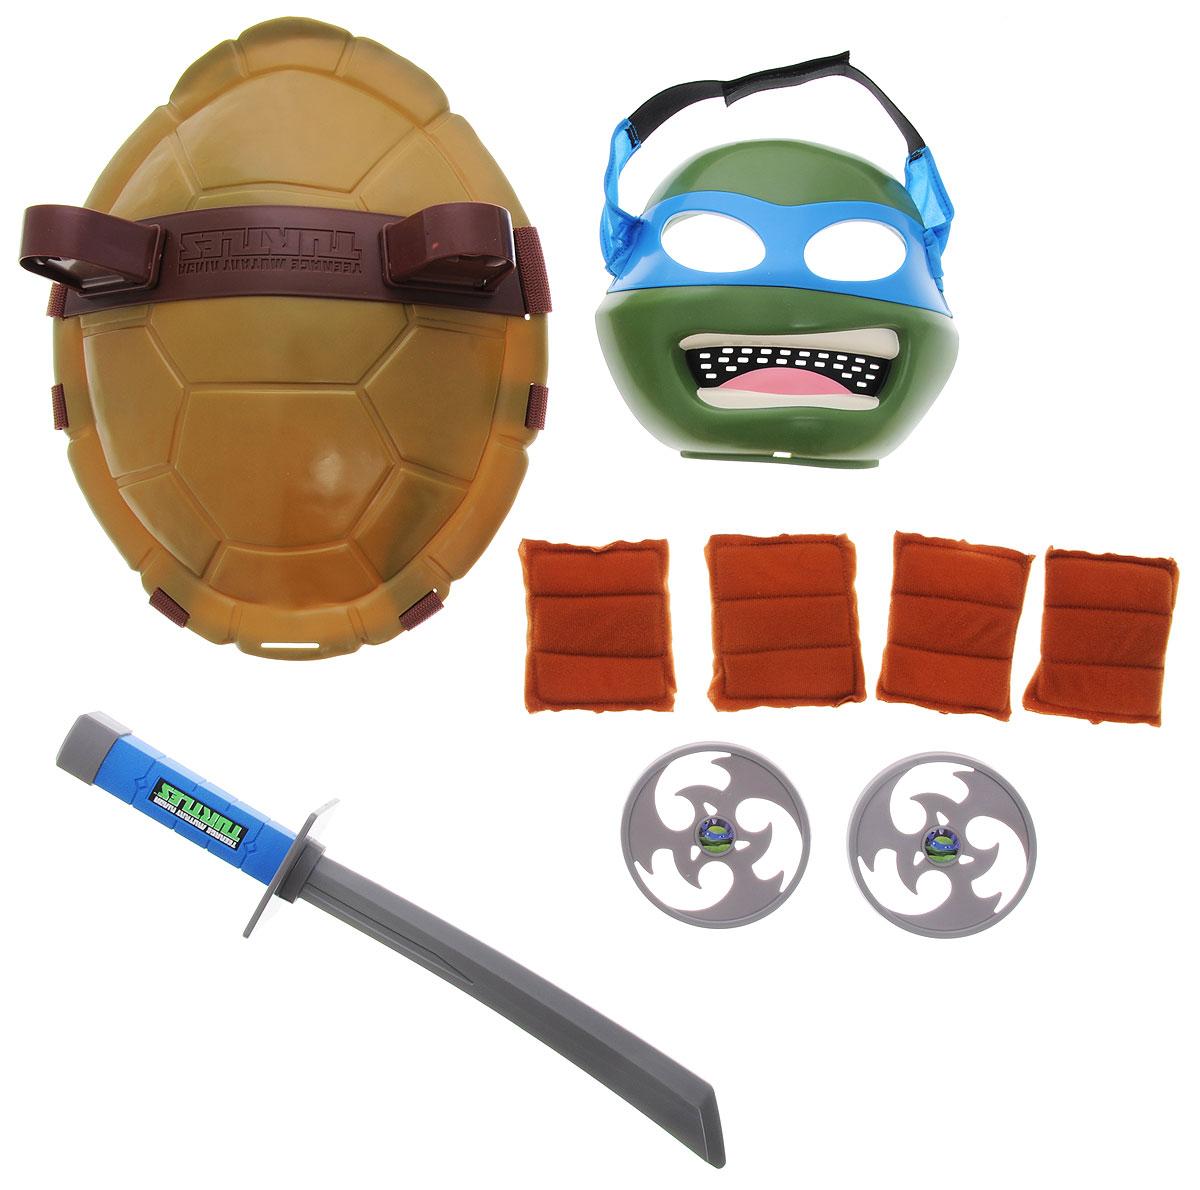 Черепашки Ниндзя Полная экипировка Леонардо92081Полная экипировка Леонардо Черепашки Ниндзя непременно понравится вашему ребенку. Цвет повязок Леонардо синий. В качестве оружия он использует два ниндзято. Часто ссорится с Рафаэлем из-за его вспыльчивости. Комплект включает в себя предметы боевого снаряжения Черепашки-ниндзя Леонардо: маску, панцирь-щит, меч катана, 2 метательные звездочки, 2 налокотника, 2 наколенника. Маска имеет прорези для глаз и держится на голове при помощи эластичных ремешков на липучке. Внутри маски находится специальная резиновая накладка по контуру глаз и носа. Щит выполнен из прочного пластика и оснащен текстильными регулируемыми ремнями: с помощью липучки щит можно закрепить на поясе, с помощью пластиковых фиксаторов - на обоих плечах. Также щит снабжен двумя специальными универсальными держателями, которые подходят для любого оружия Черепашек-ниндзя. С такой экипировкой ваш ребенок без труда перевоплотиться в любимого героя. Не упустите шанс порадовать...